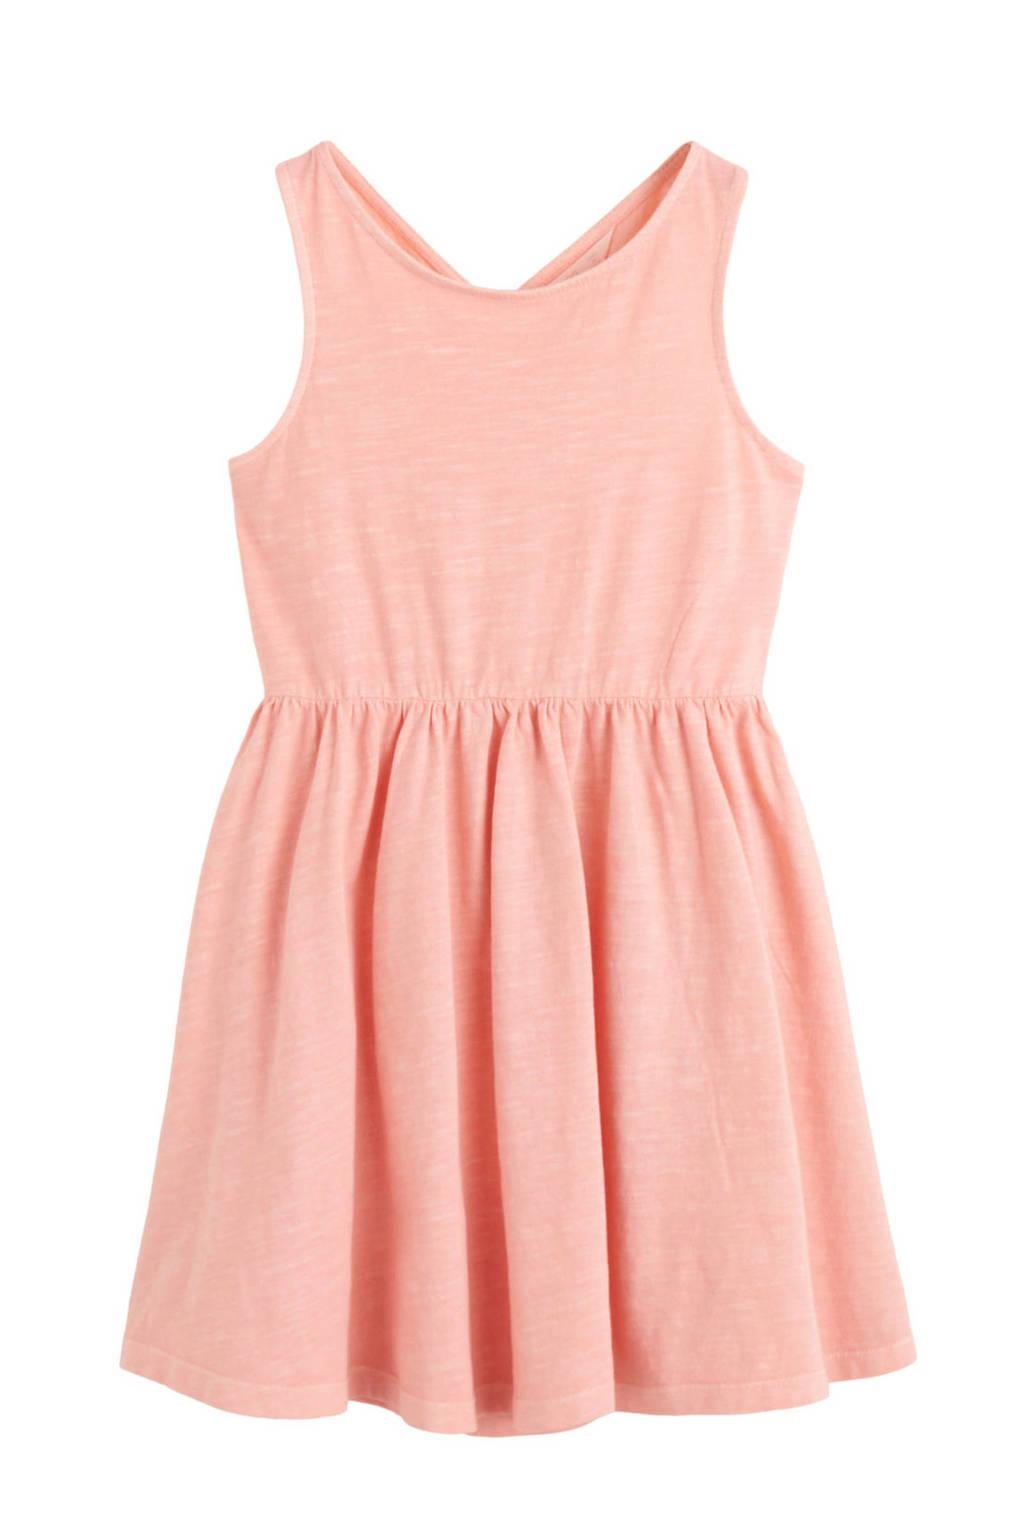 Mango Kids jurk roze, Lichtroze